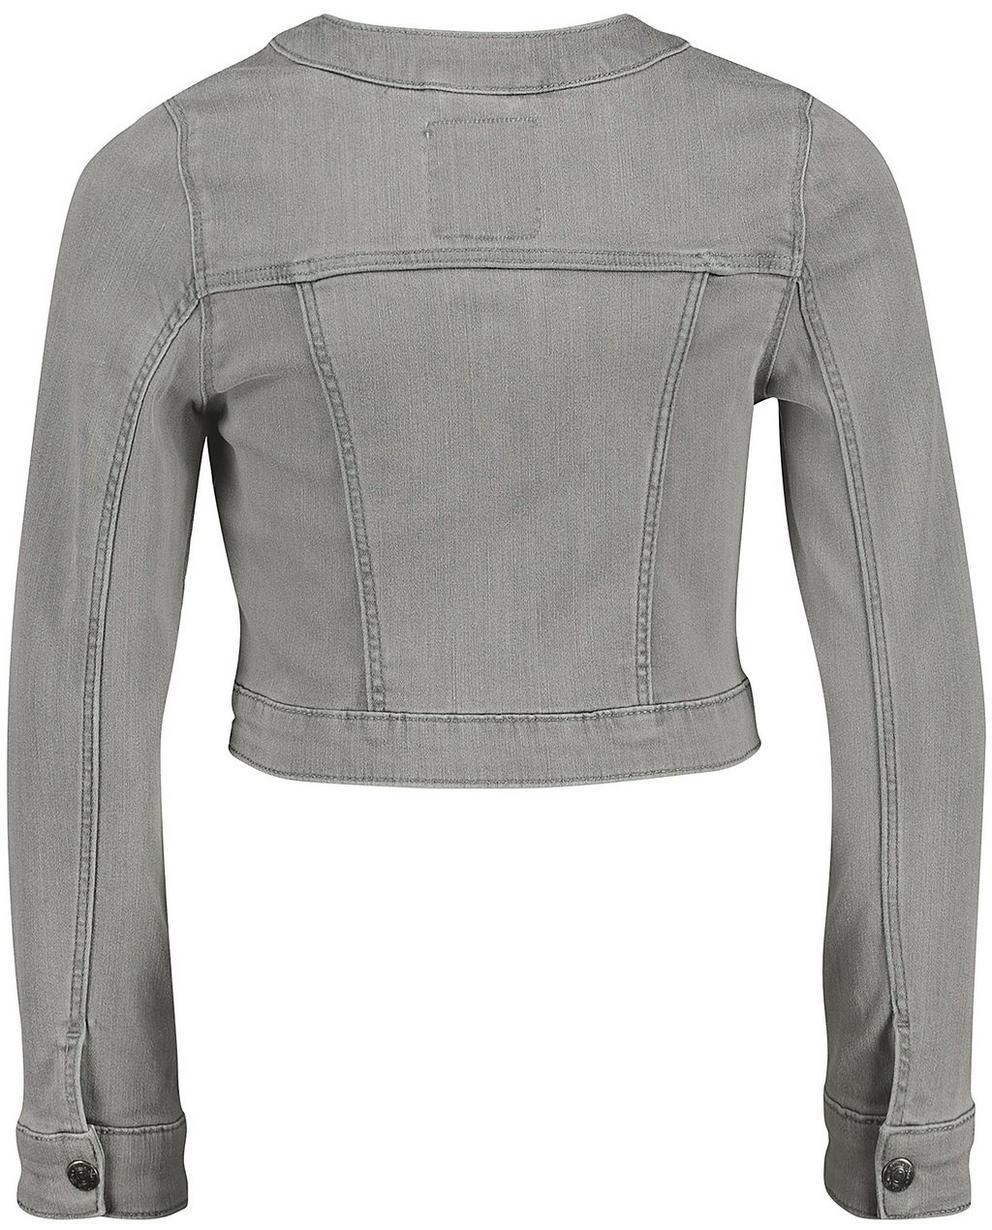 Blazer - Blassgrau - Jeansjacke mit Glitzerstreifen